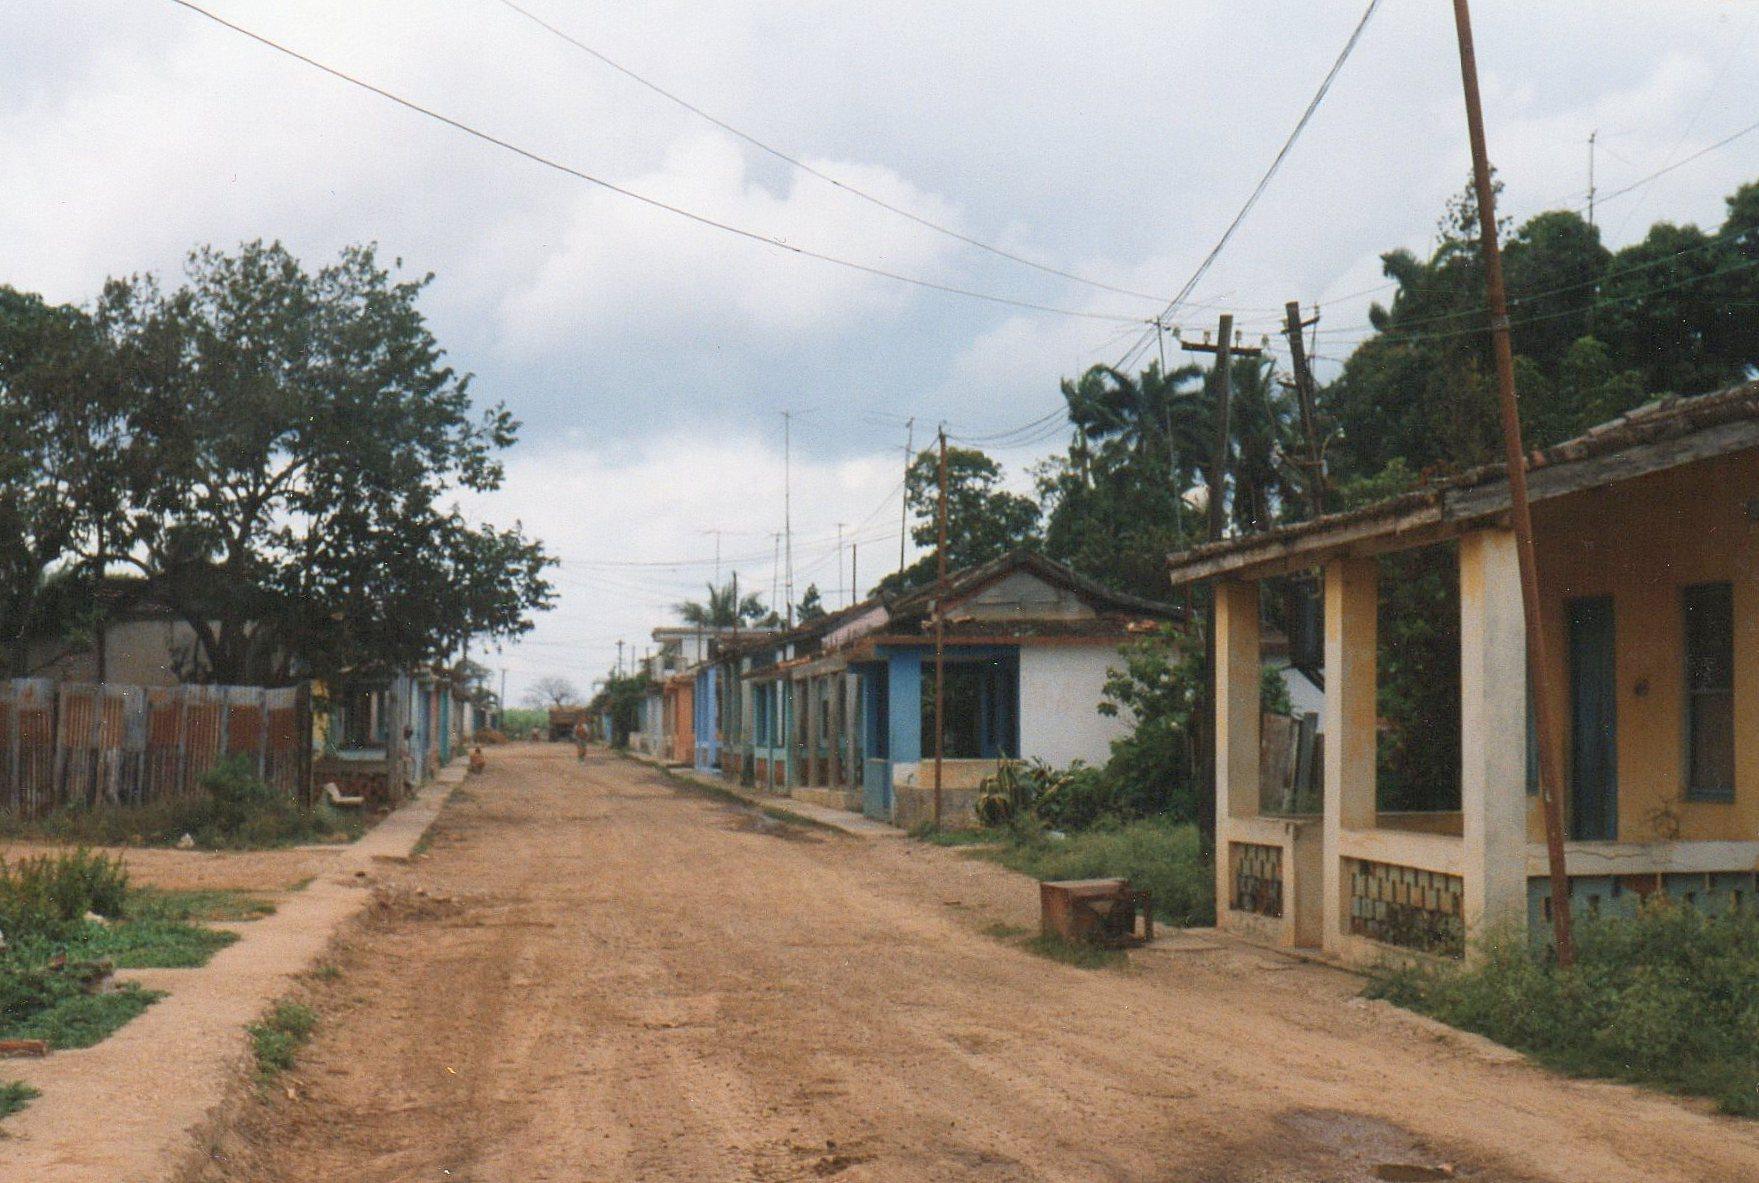 Arbejderhusene til Central (sukkermølle) 201 Amistad con los Pueblos. Møllens navn betyder Venskab med Folkene, eller på østtysk, Völkerfreundschaft. Husene er små, og der er ikke asfalt på vejen. Ofte var der køkken i det fri. Som i USA fandtes en overdækket veranda ud mod vejen, hvor husets beboere sad i deres lænestole (af træ) og betragtede verden. Mange havde hunde, som man anbragte på det flade tag, når man var hjemme.